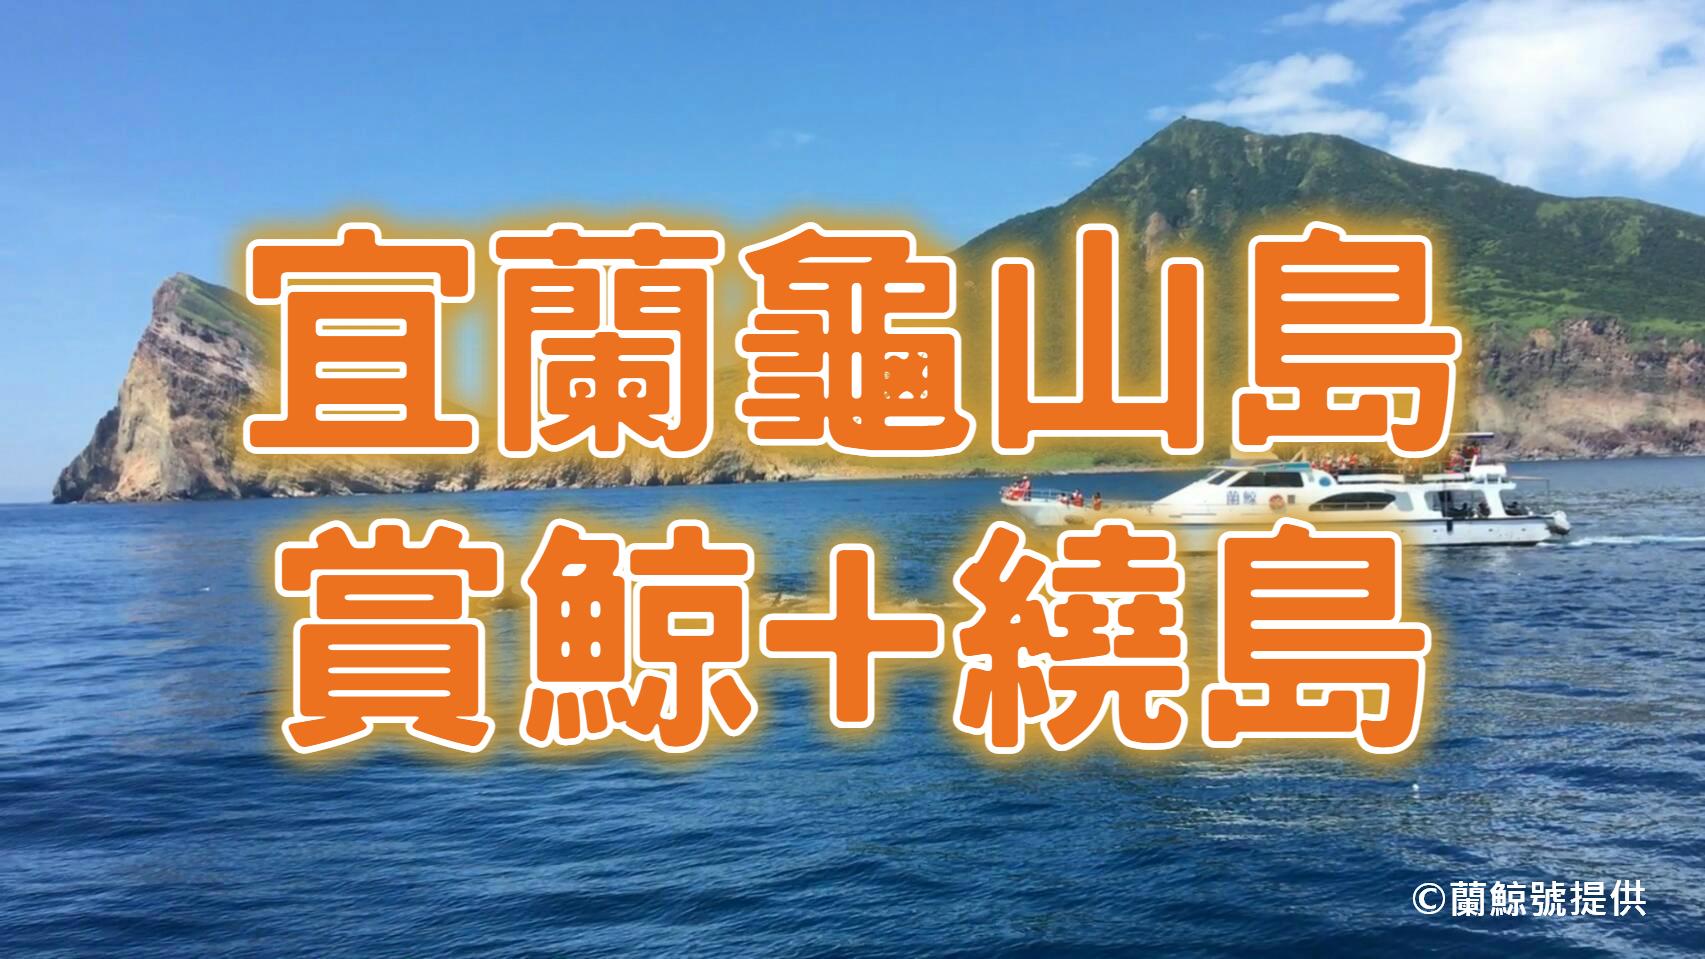 🐳【2021龜山島】宜蘭賞鯨豚一日遊 二合一賞鯨繞島船票+台北⇔烏石港車票(ILN58)